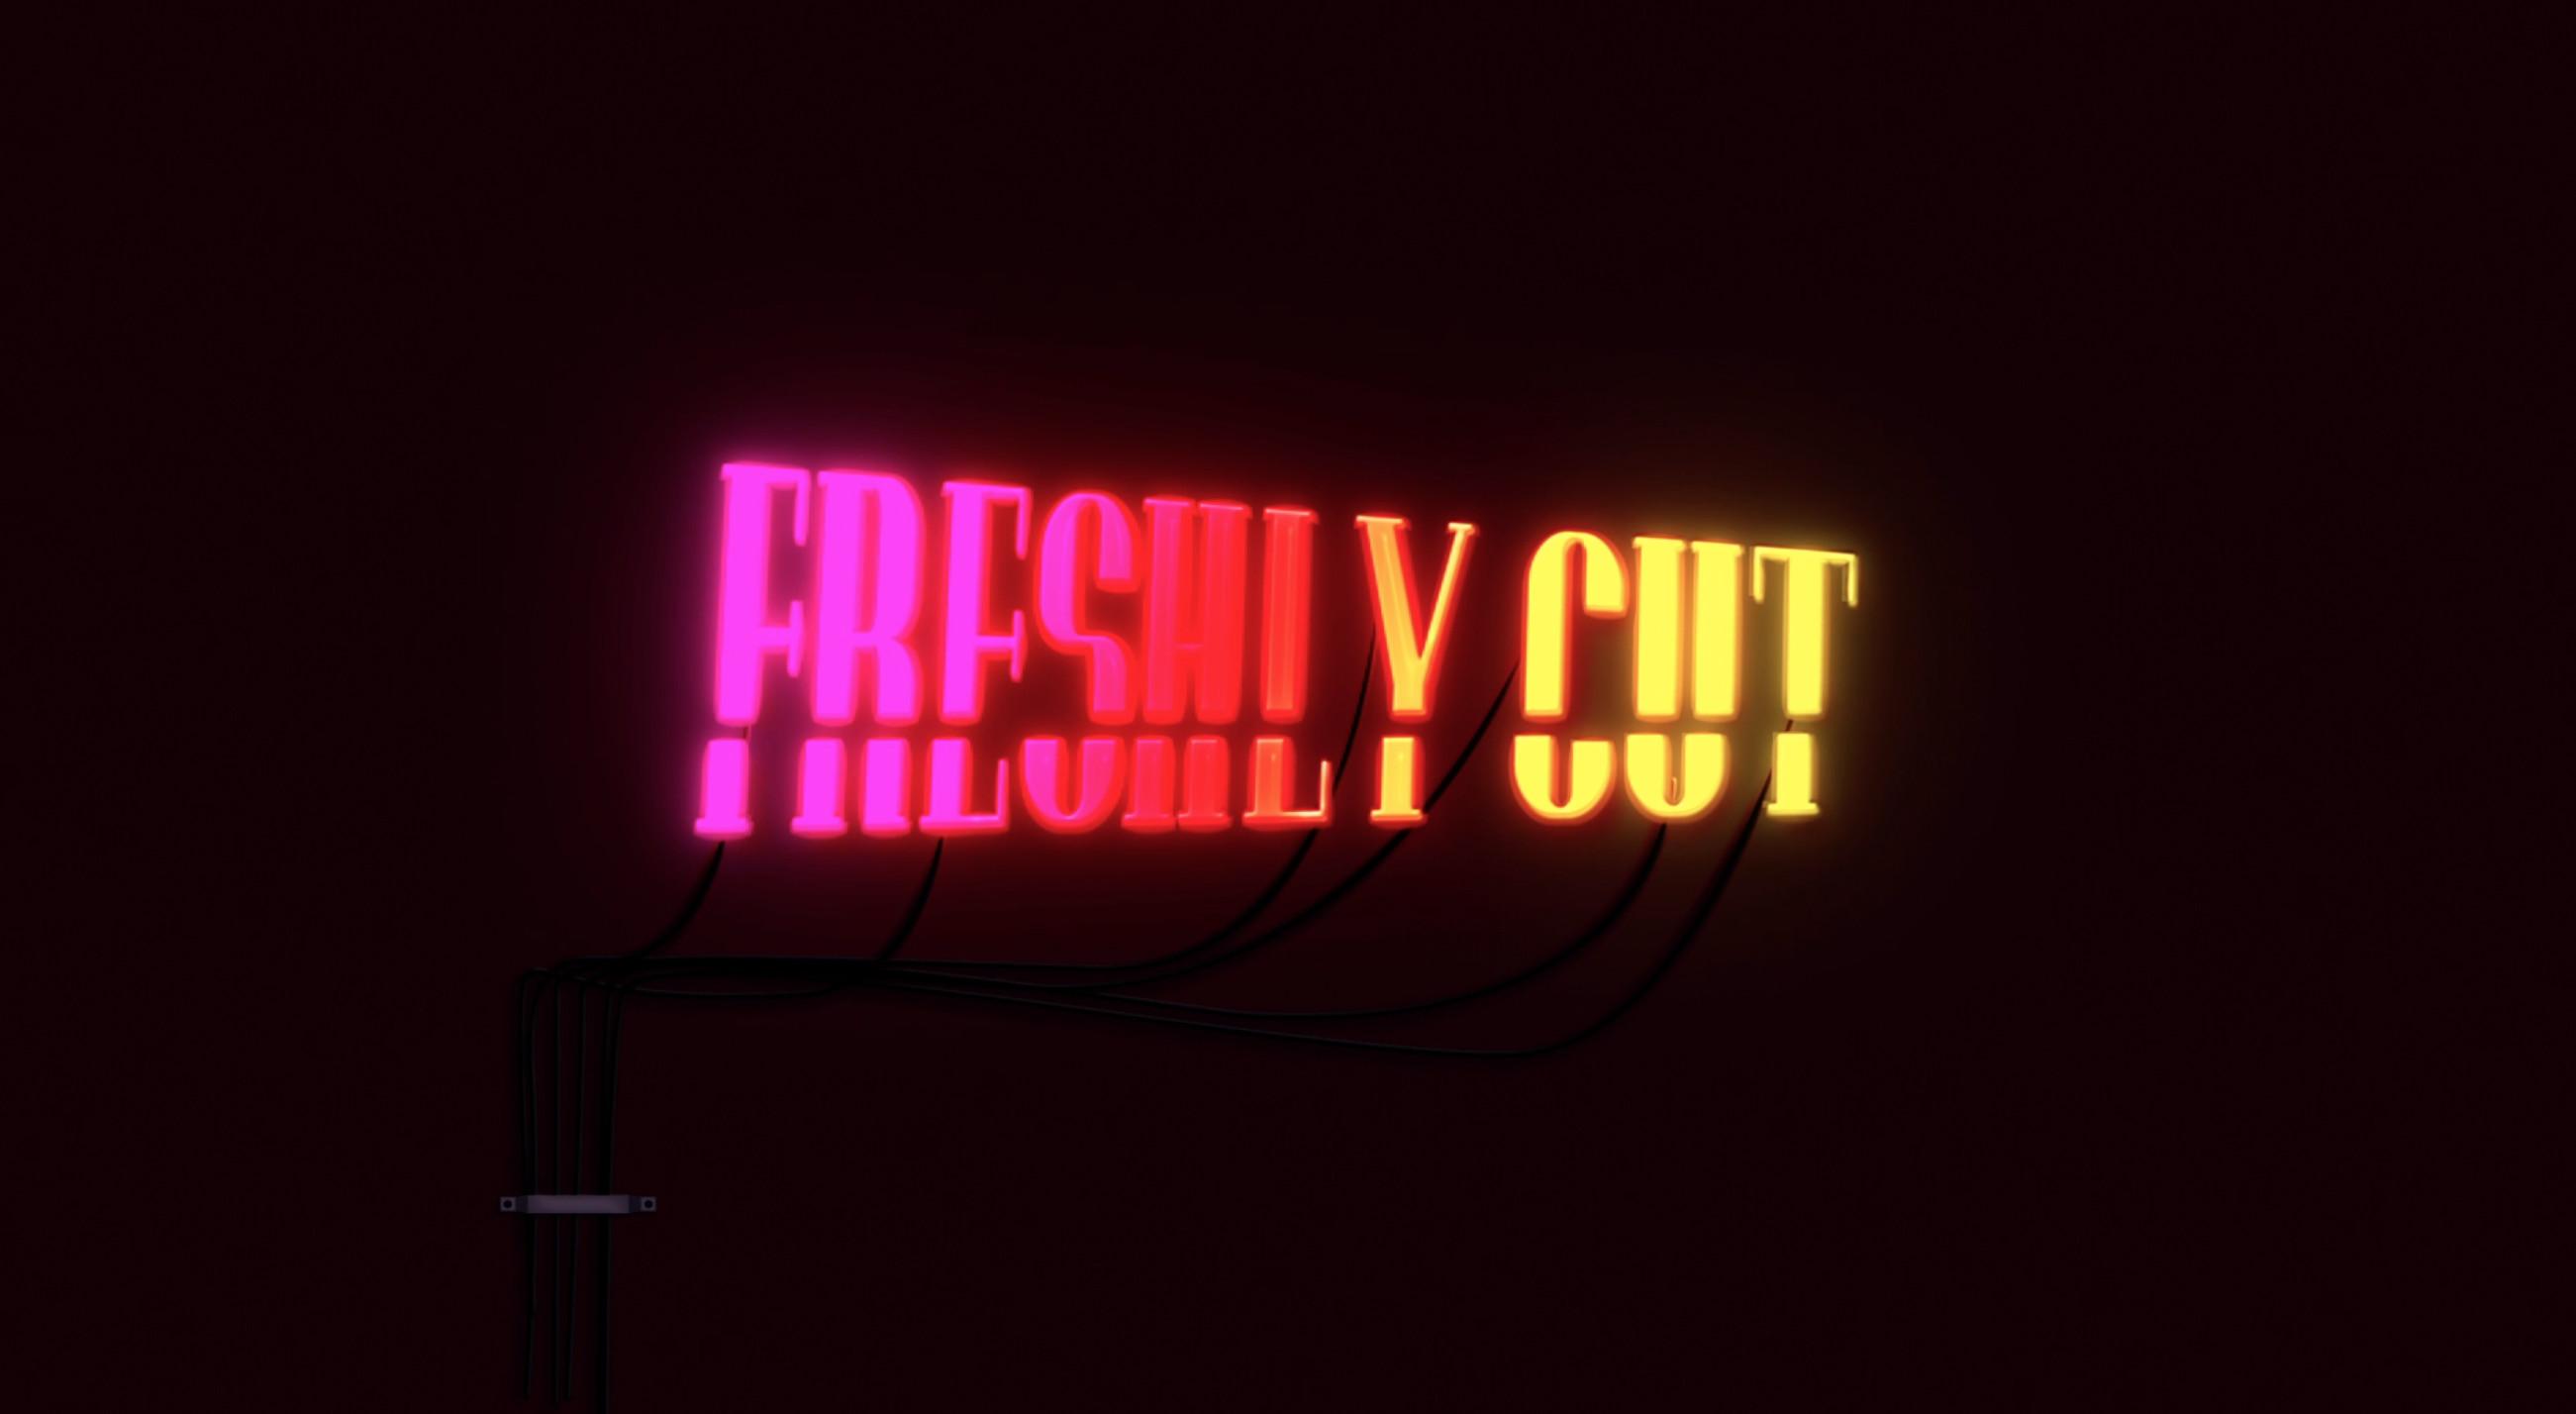 Freshly Cut 004